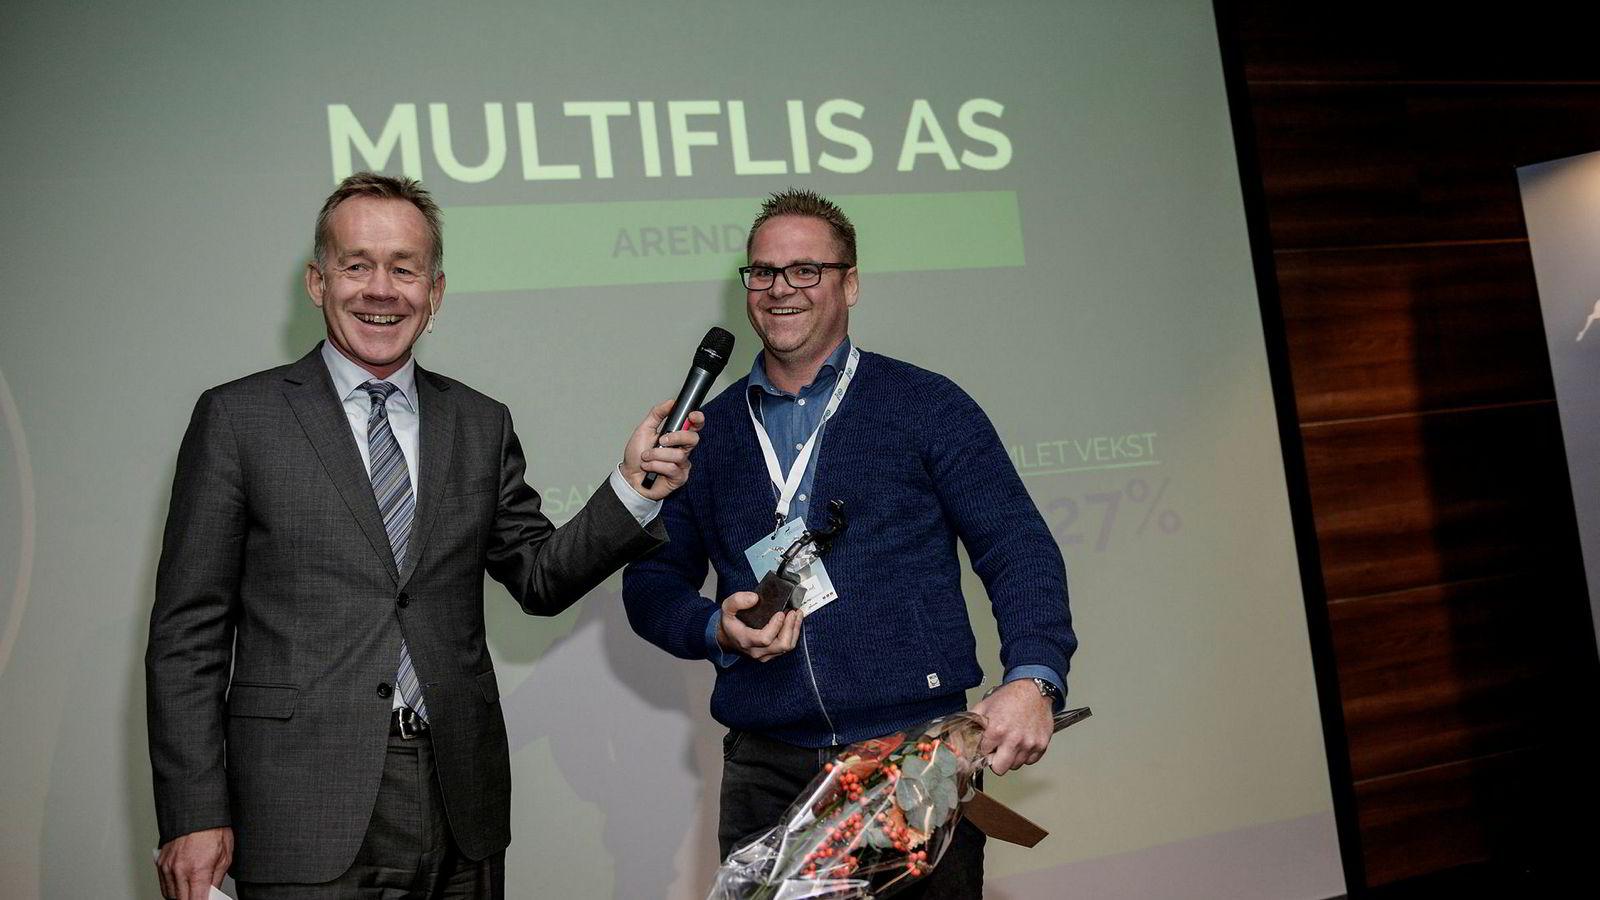 Sjefredaktør i Dagens Næringsliv, Amund Djuve (til venstre), hedret mandag Petter Aksel Birkeland med årets gasellepris for Aust-Agder etter en vekst på 1427 prosent for selskapet Multiflis de siste fire årene.